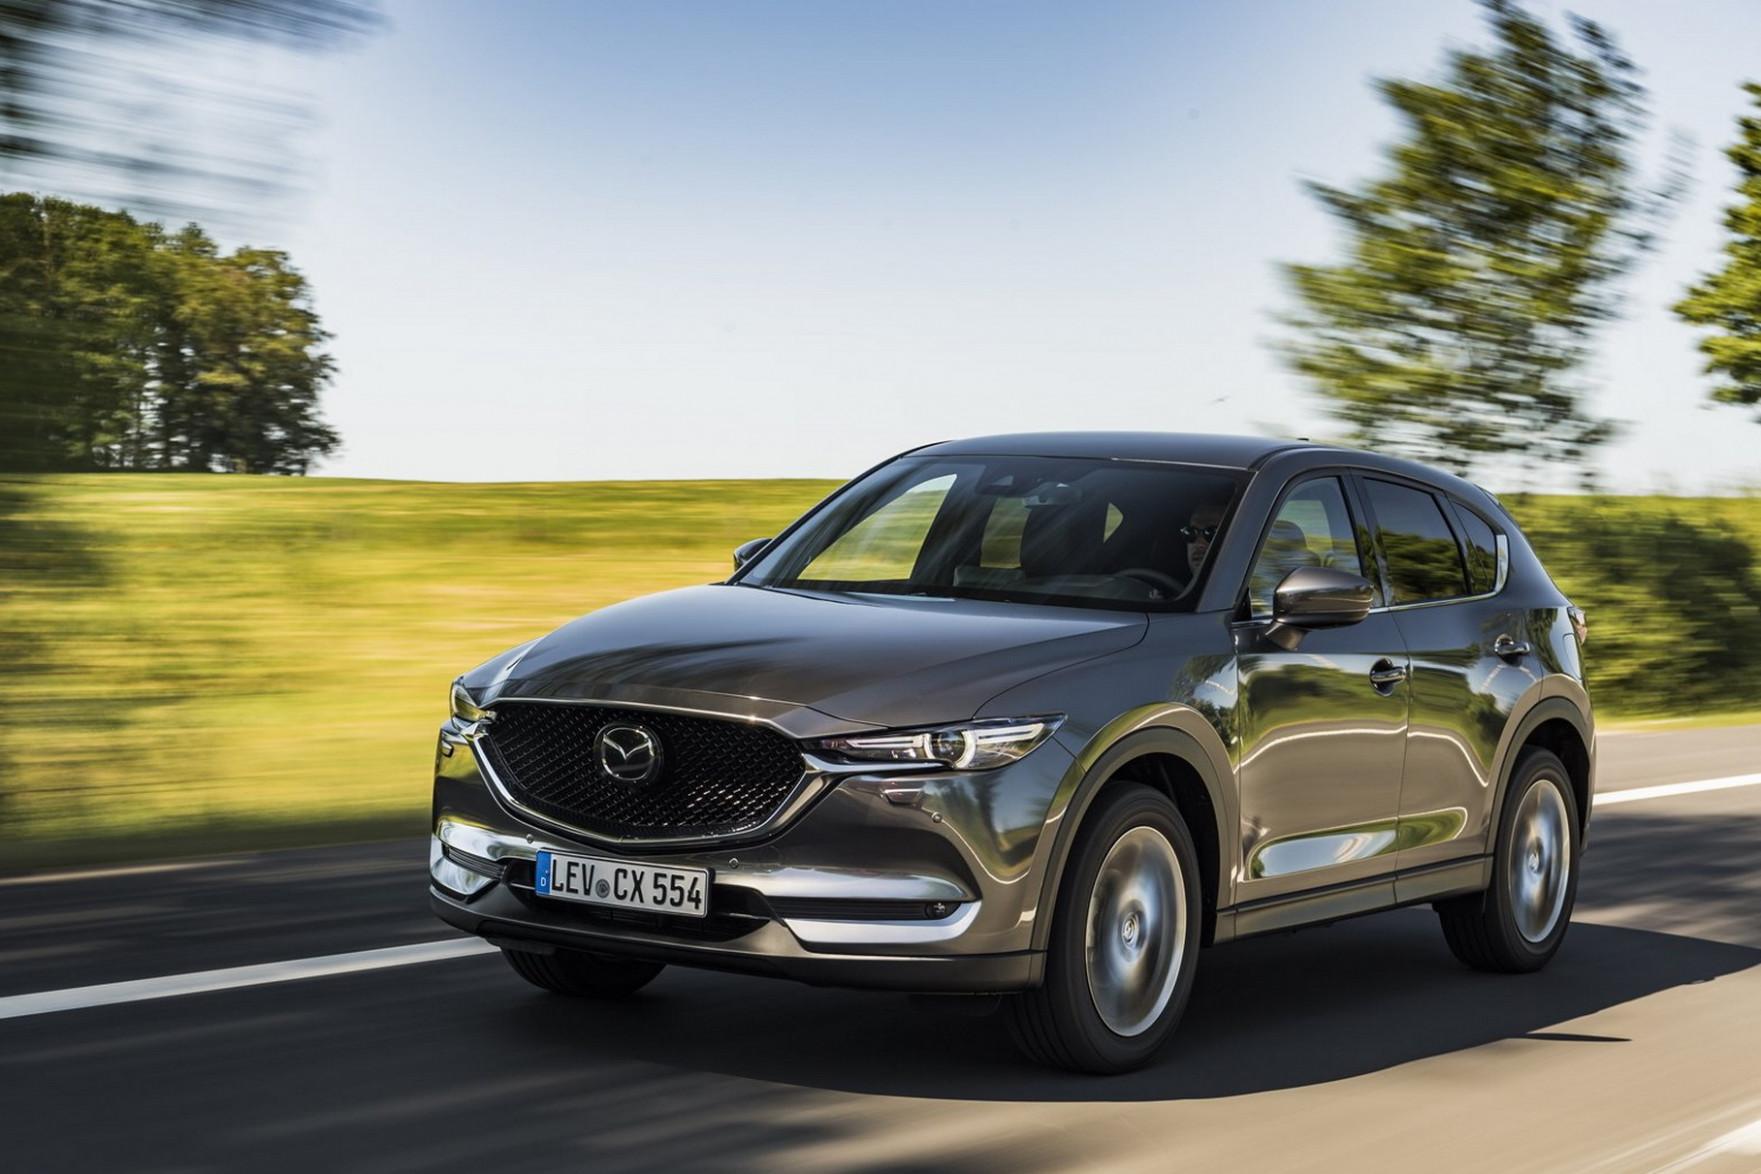 Prices Mazda Cx5 Grand Touring Lx 2022